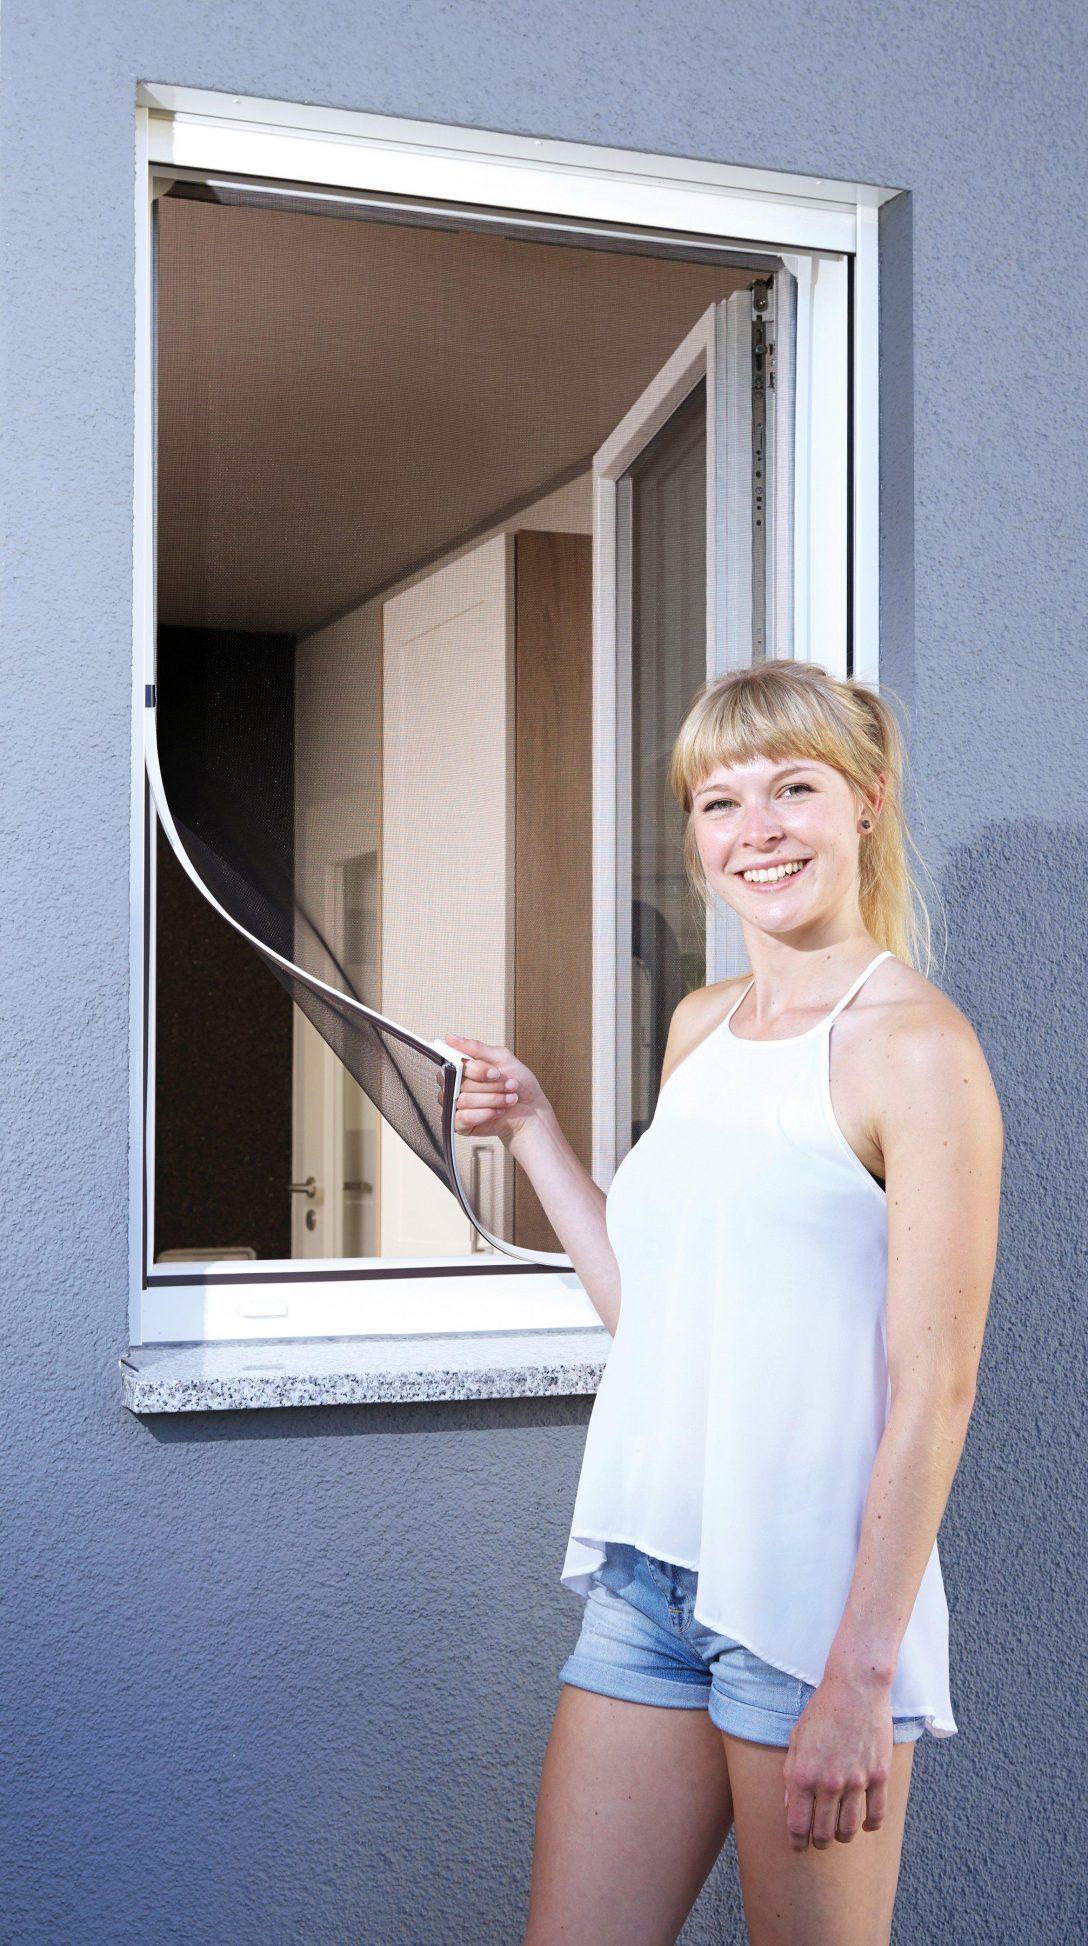 Large Size of Fenster 120x120 Schellenberg Insektenschutz Magnet Landhaus Schüco Preise Wärmeschutzfolie Austauschen Kaufen In Polen Sonnenschutz Mit Lüftung Fenster Fenster 120x120